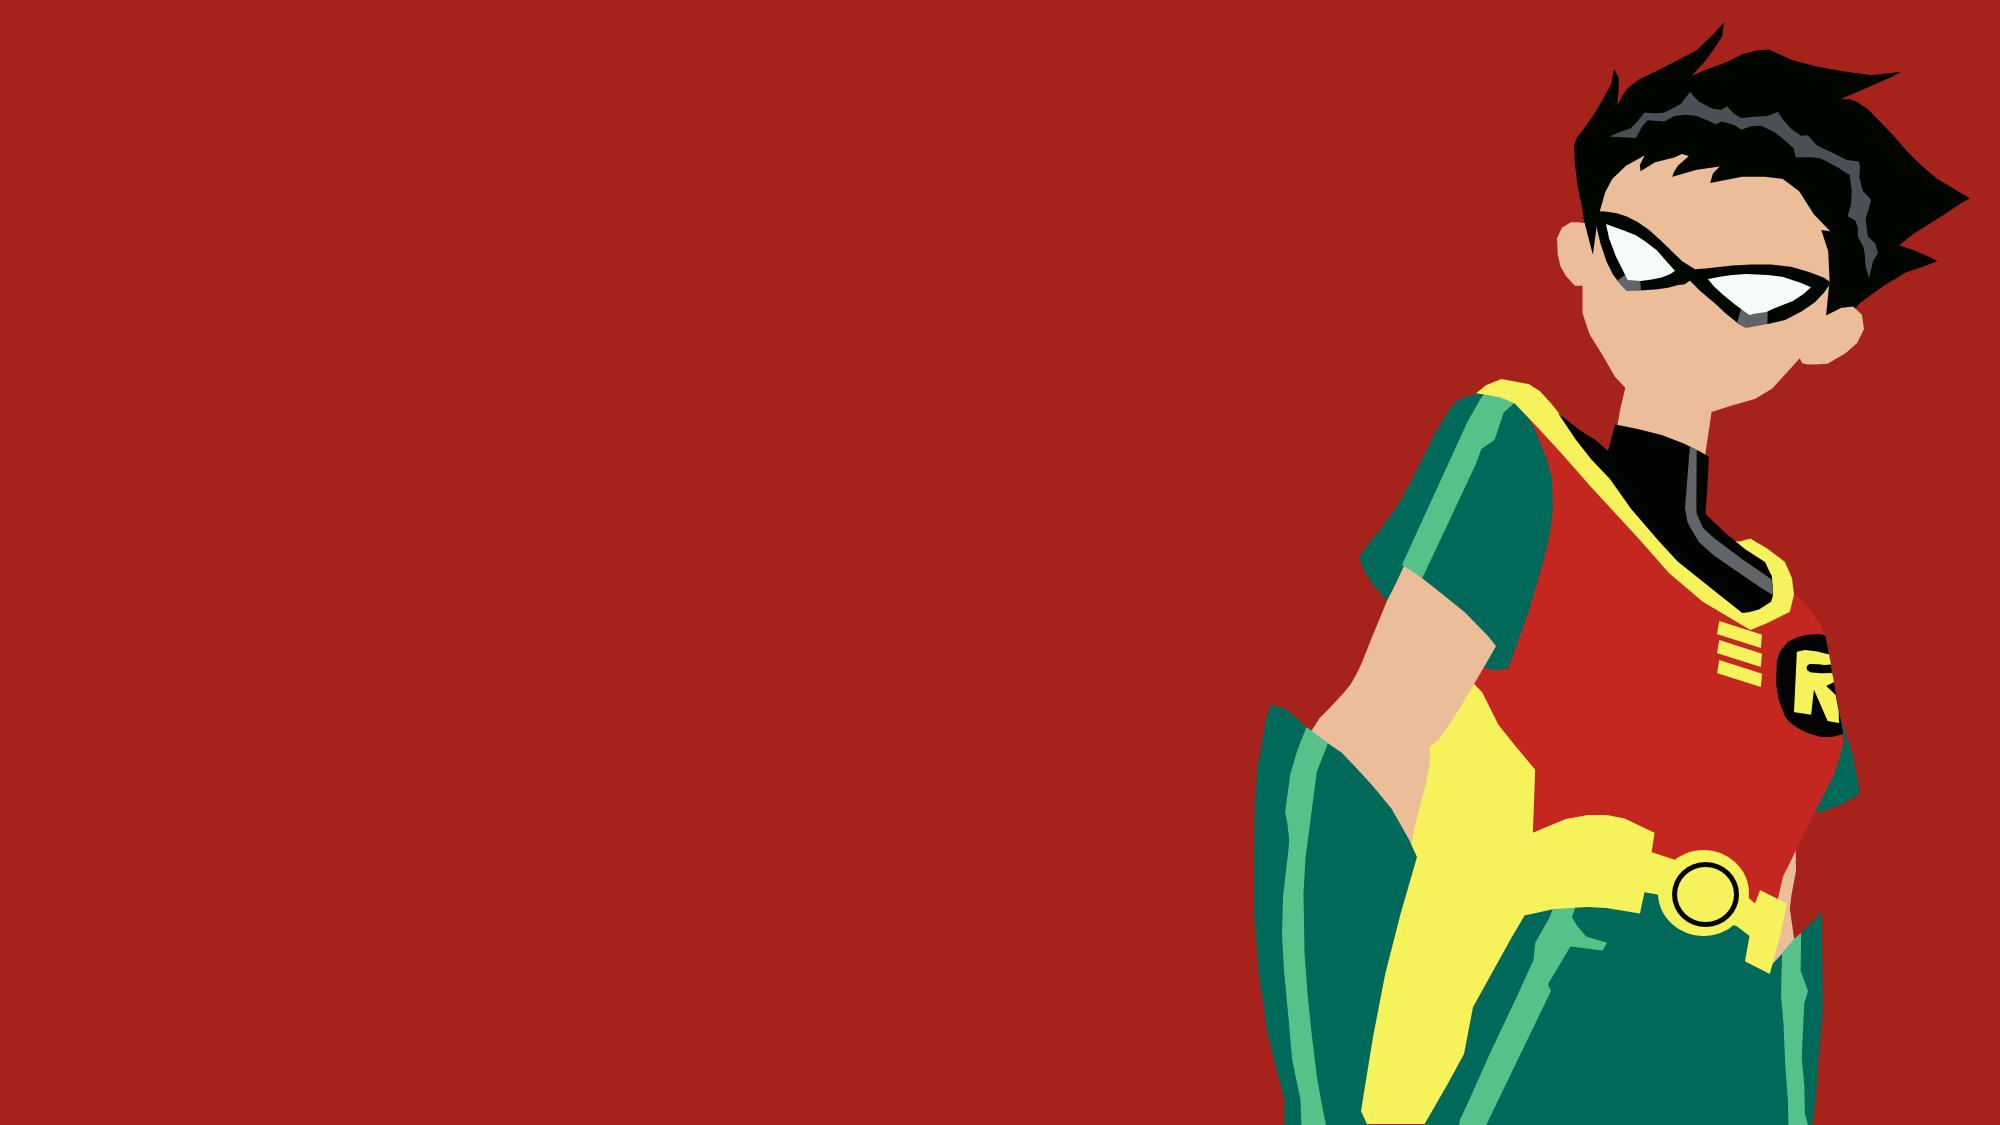 Robin On Teen Titans 62